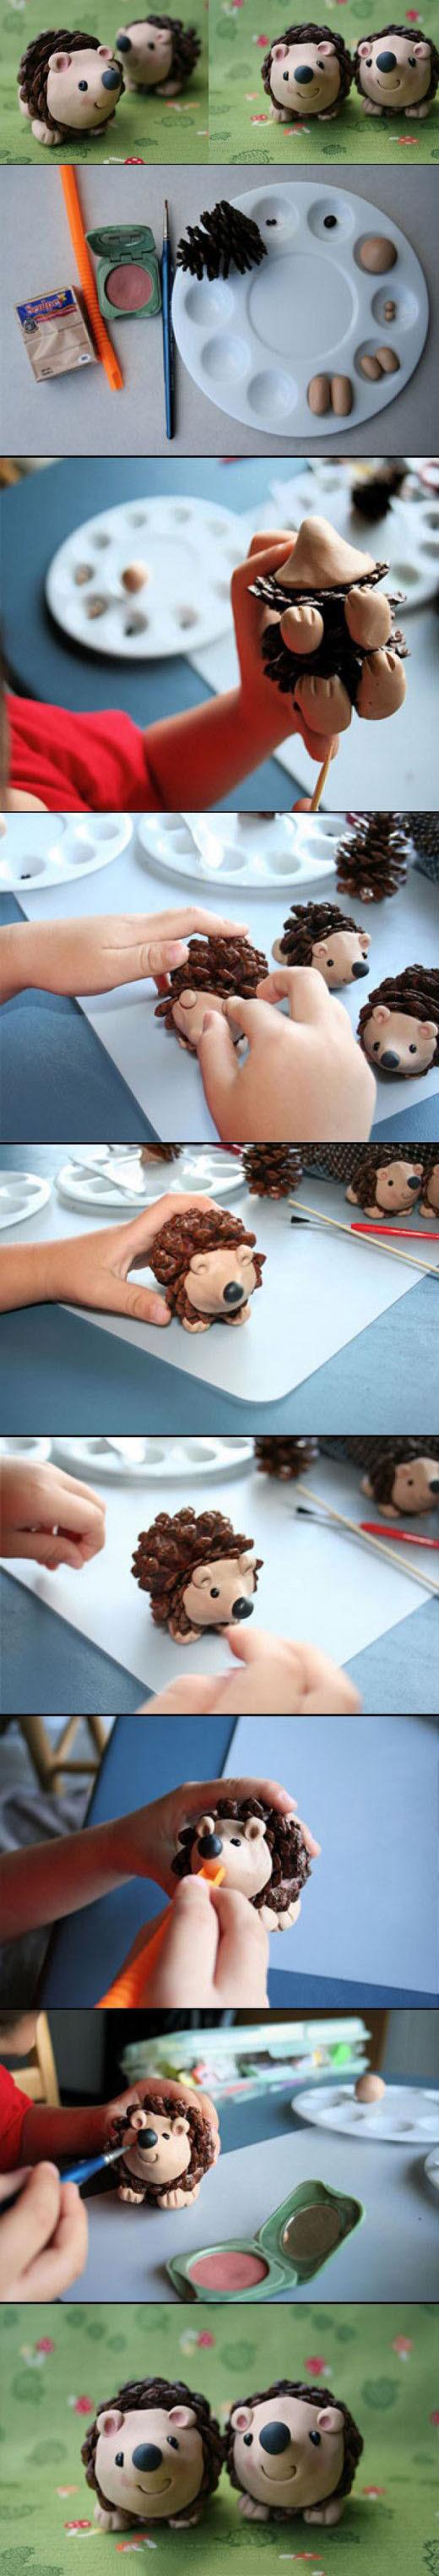 поделки из шишек своими руками фото схемы ежика